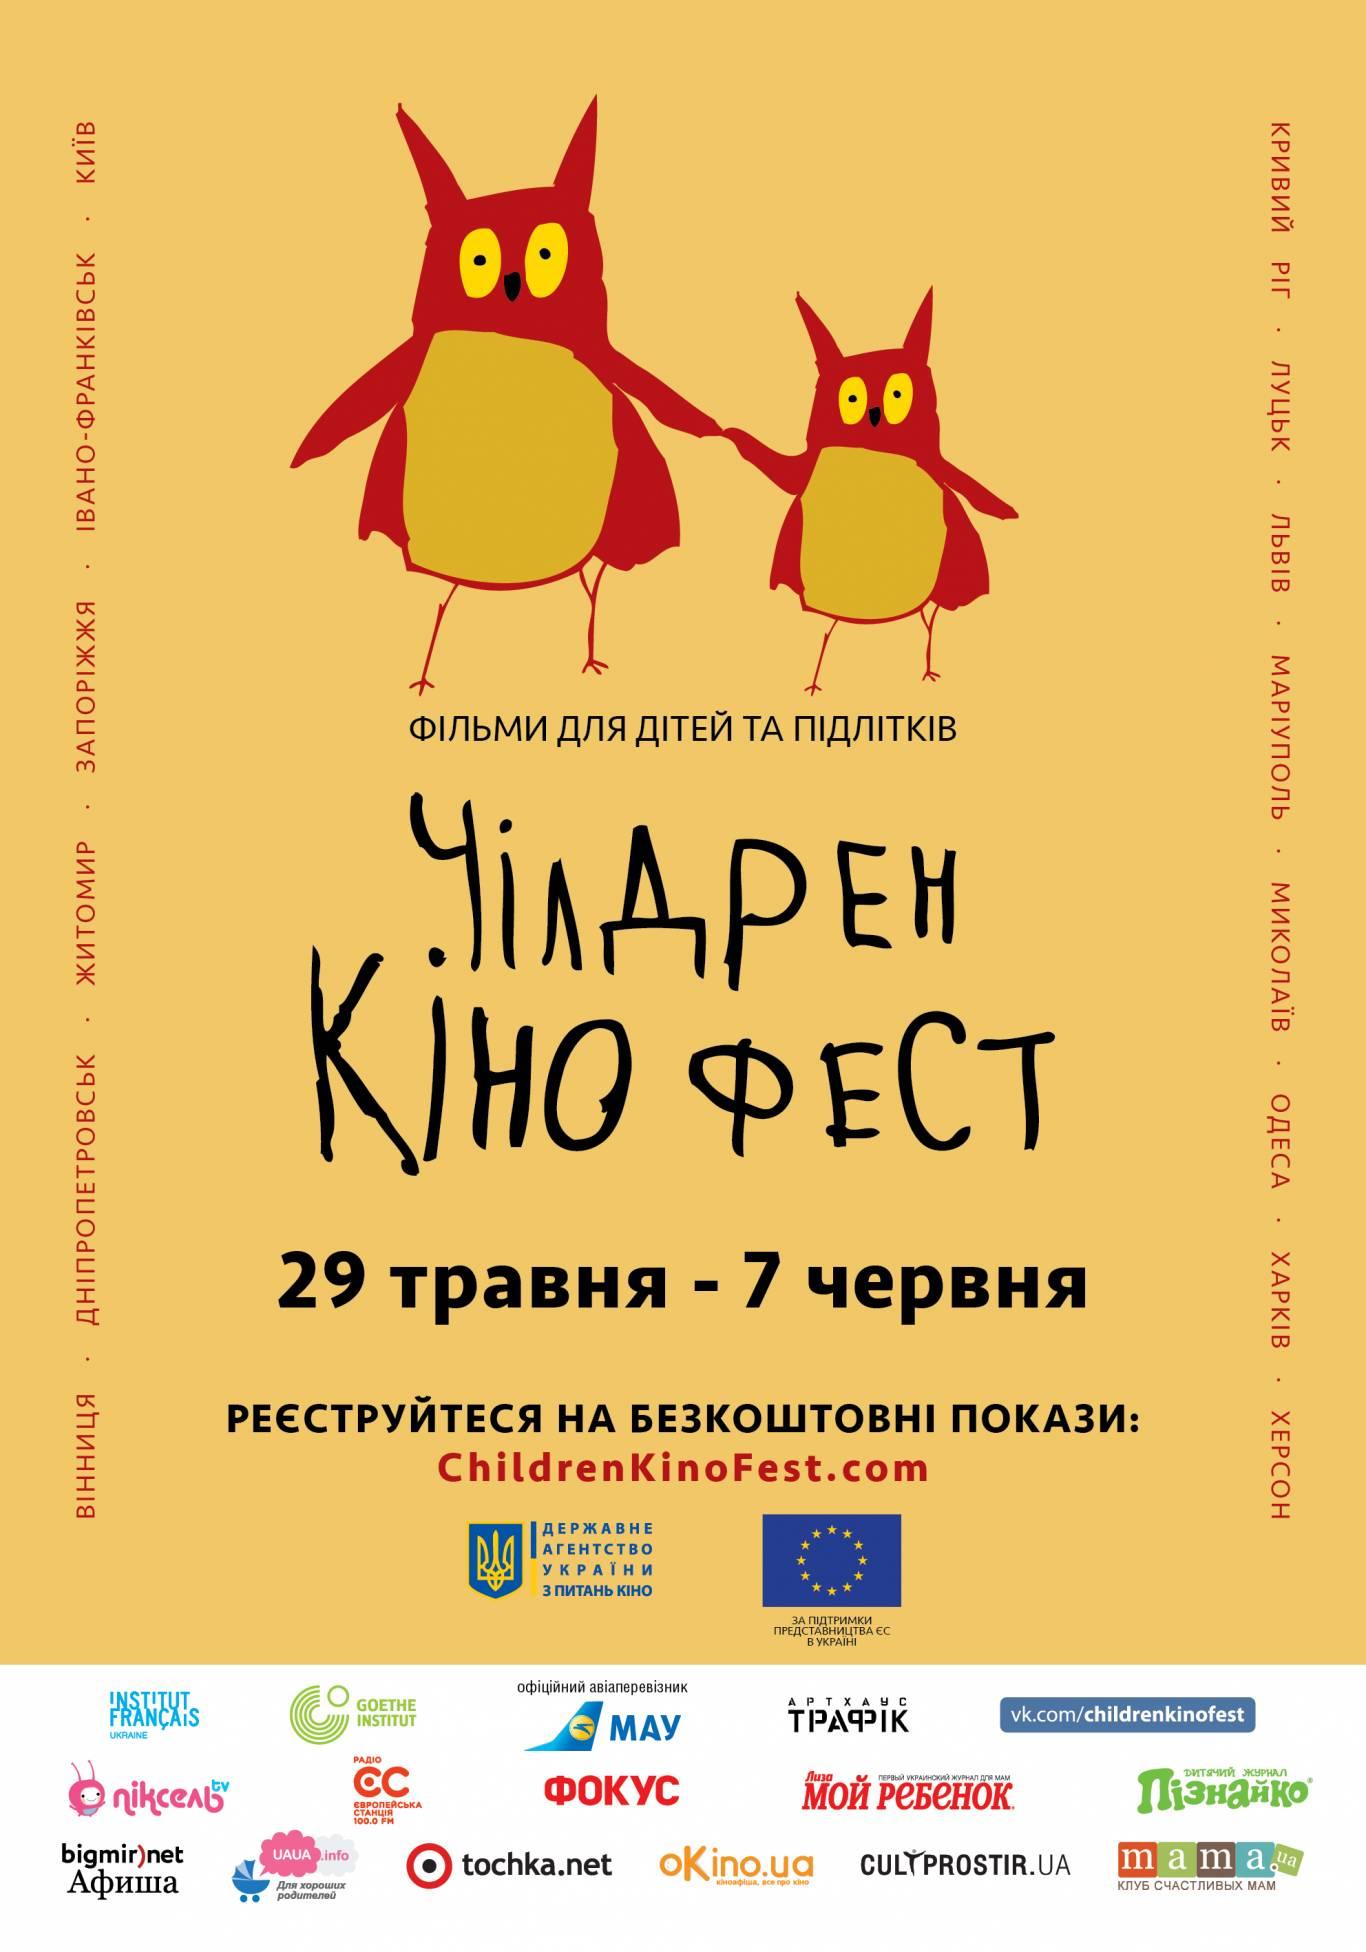 Фестиваль мистецтва кіно для дітей «Чілдрен Кінофест»